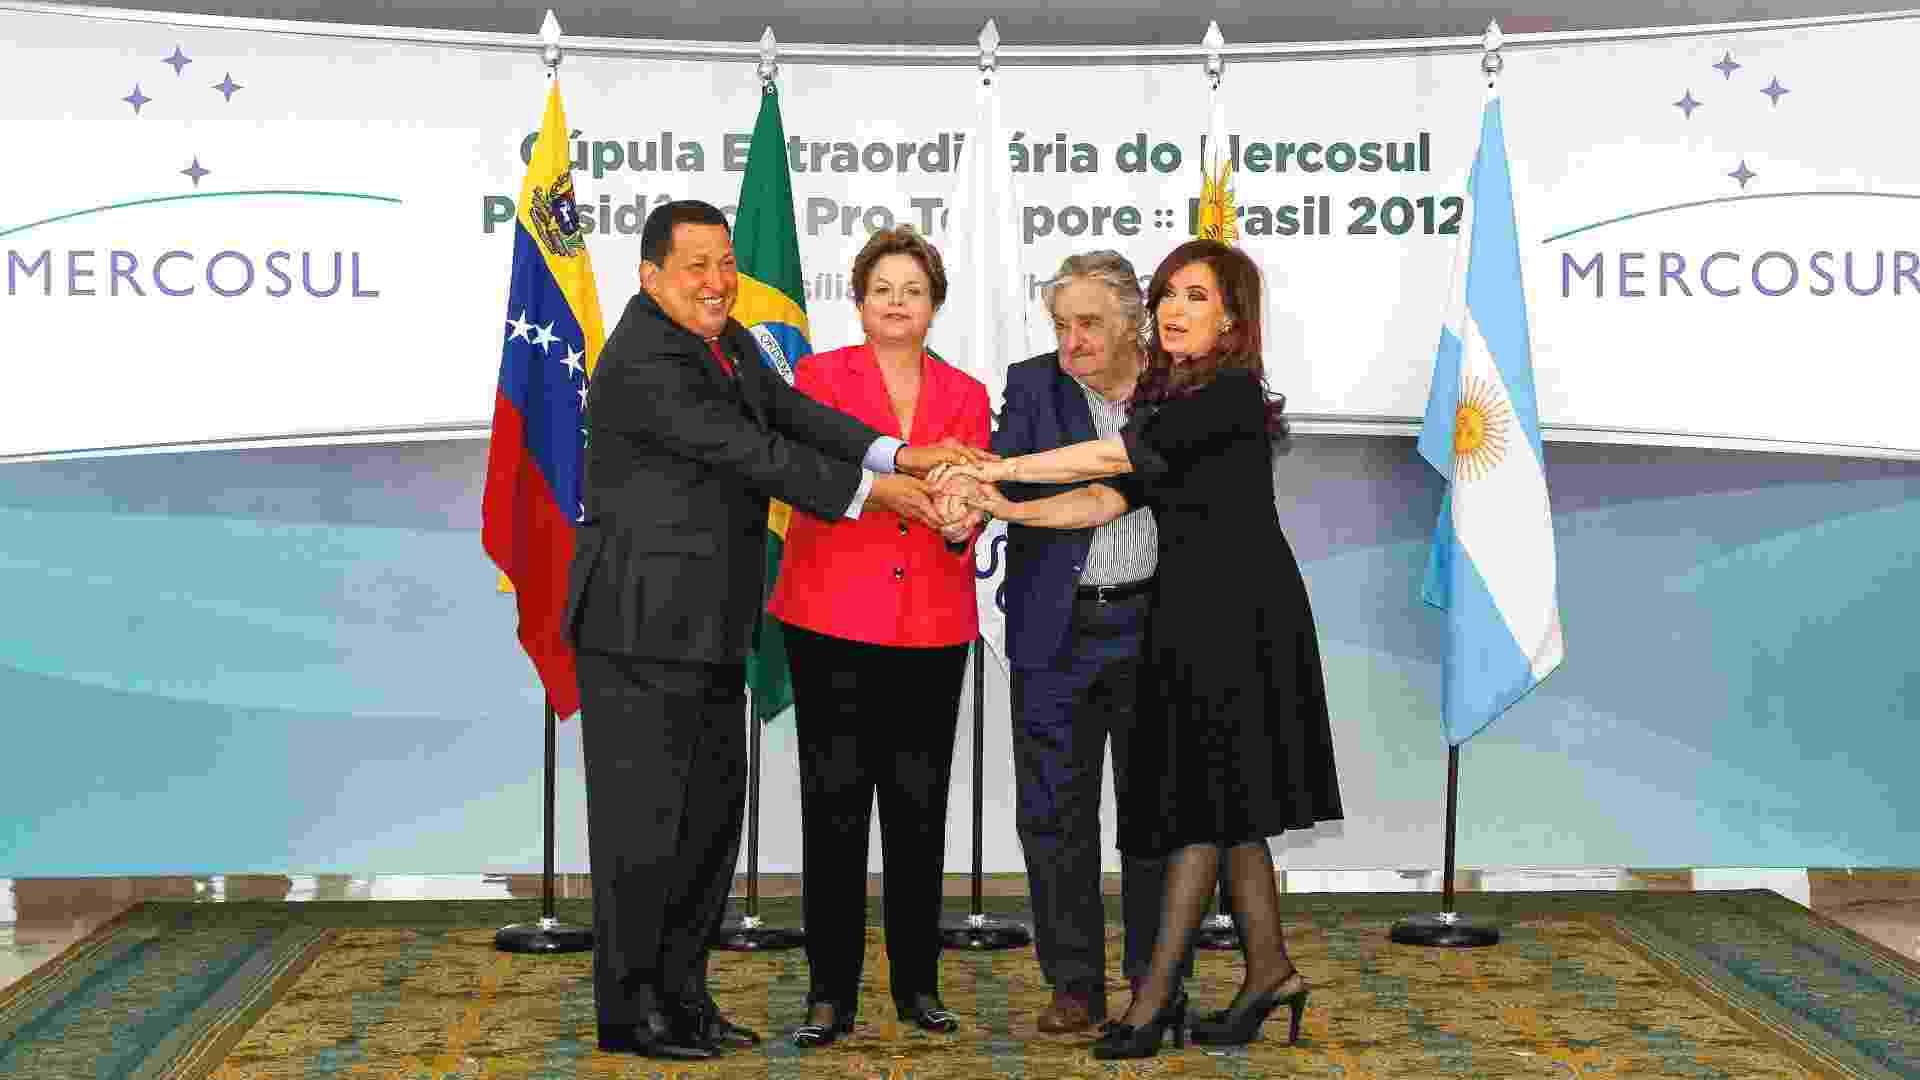 31.jul.2012 - Presidente Dilma Rousseff posa para fotografia oficial da Cúpula Extraordinária do Mercosul nesta terça-feira (31), ao lado dos presidentes da Venezuela, Hugo Chavez, do Uruguai, José Pepe Mujica, e da Argentina, Cristina Kirchner, em Brasília (DF) - Roberto Stuckert Filho/PR